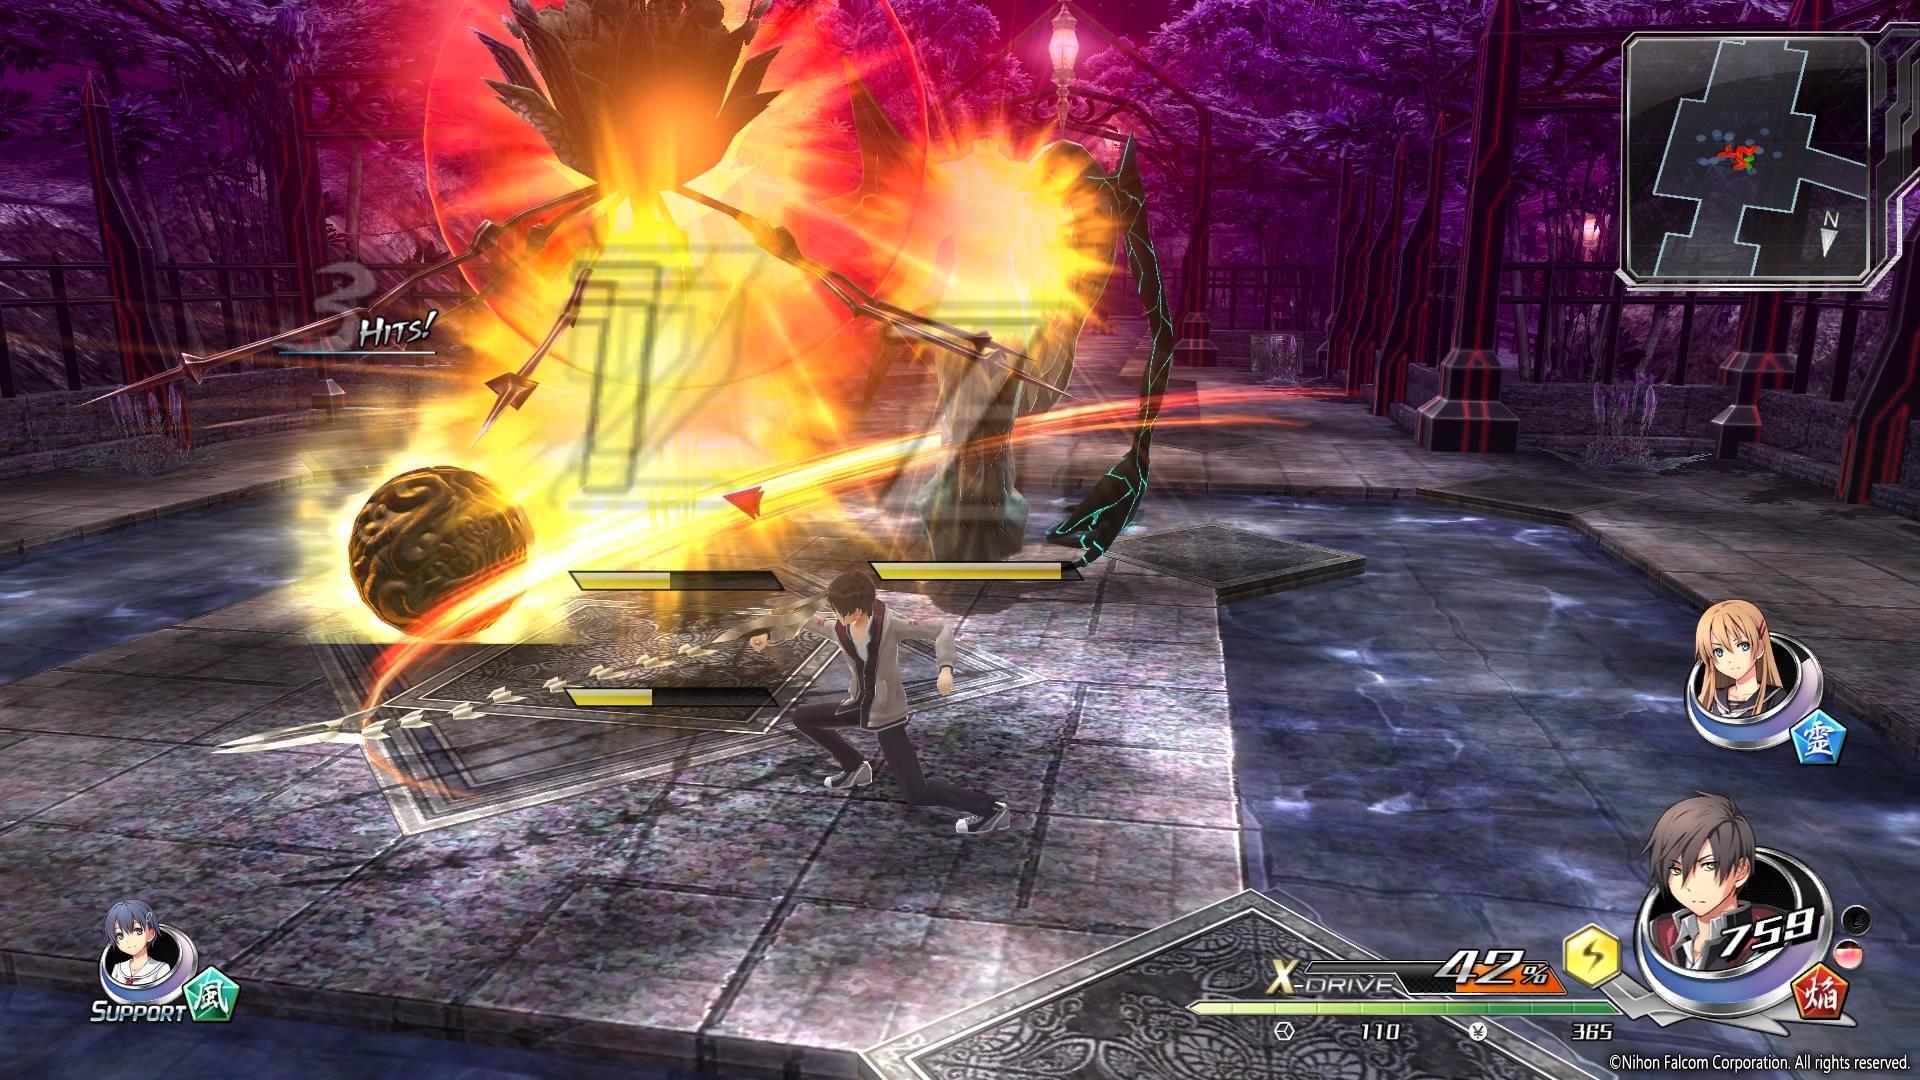 攻撃スタイルの異なるキャラクターを切り替えながら戦っていく